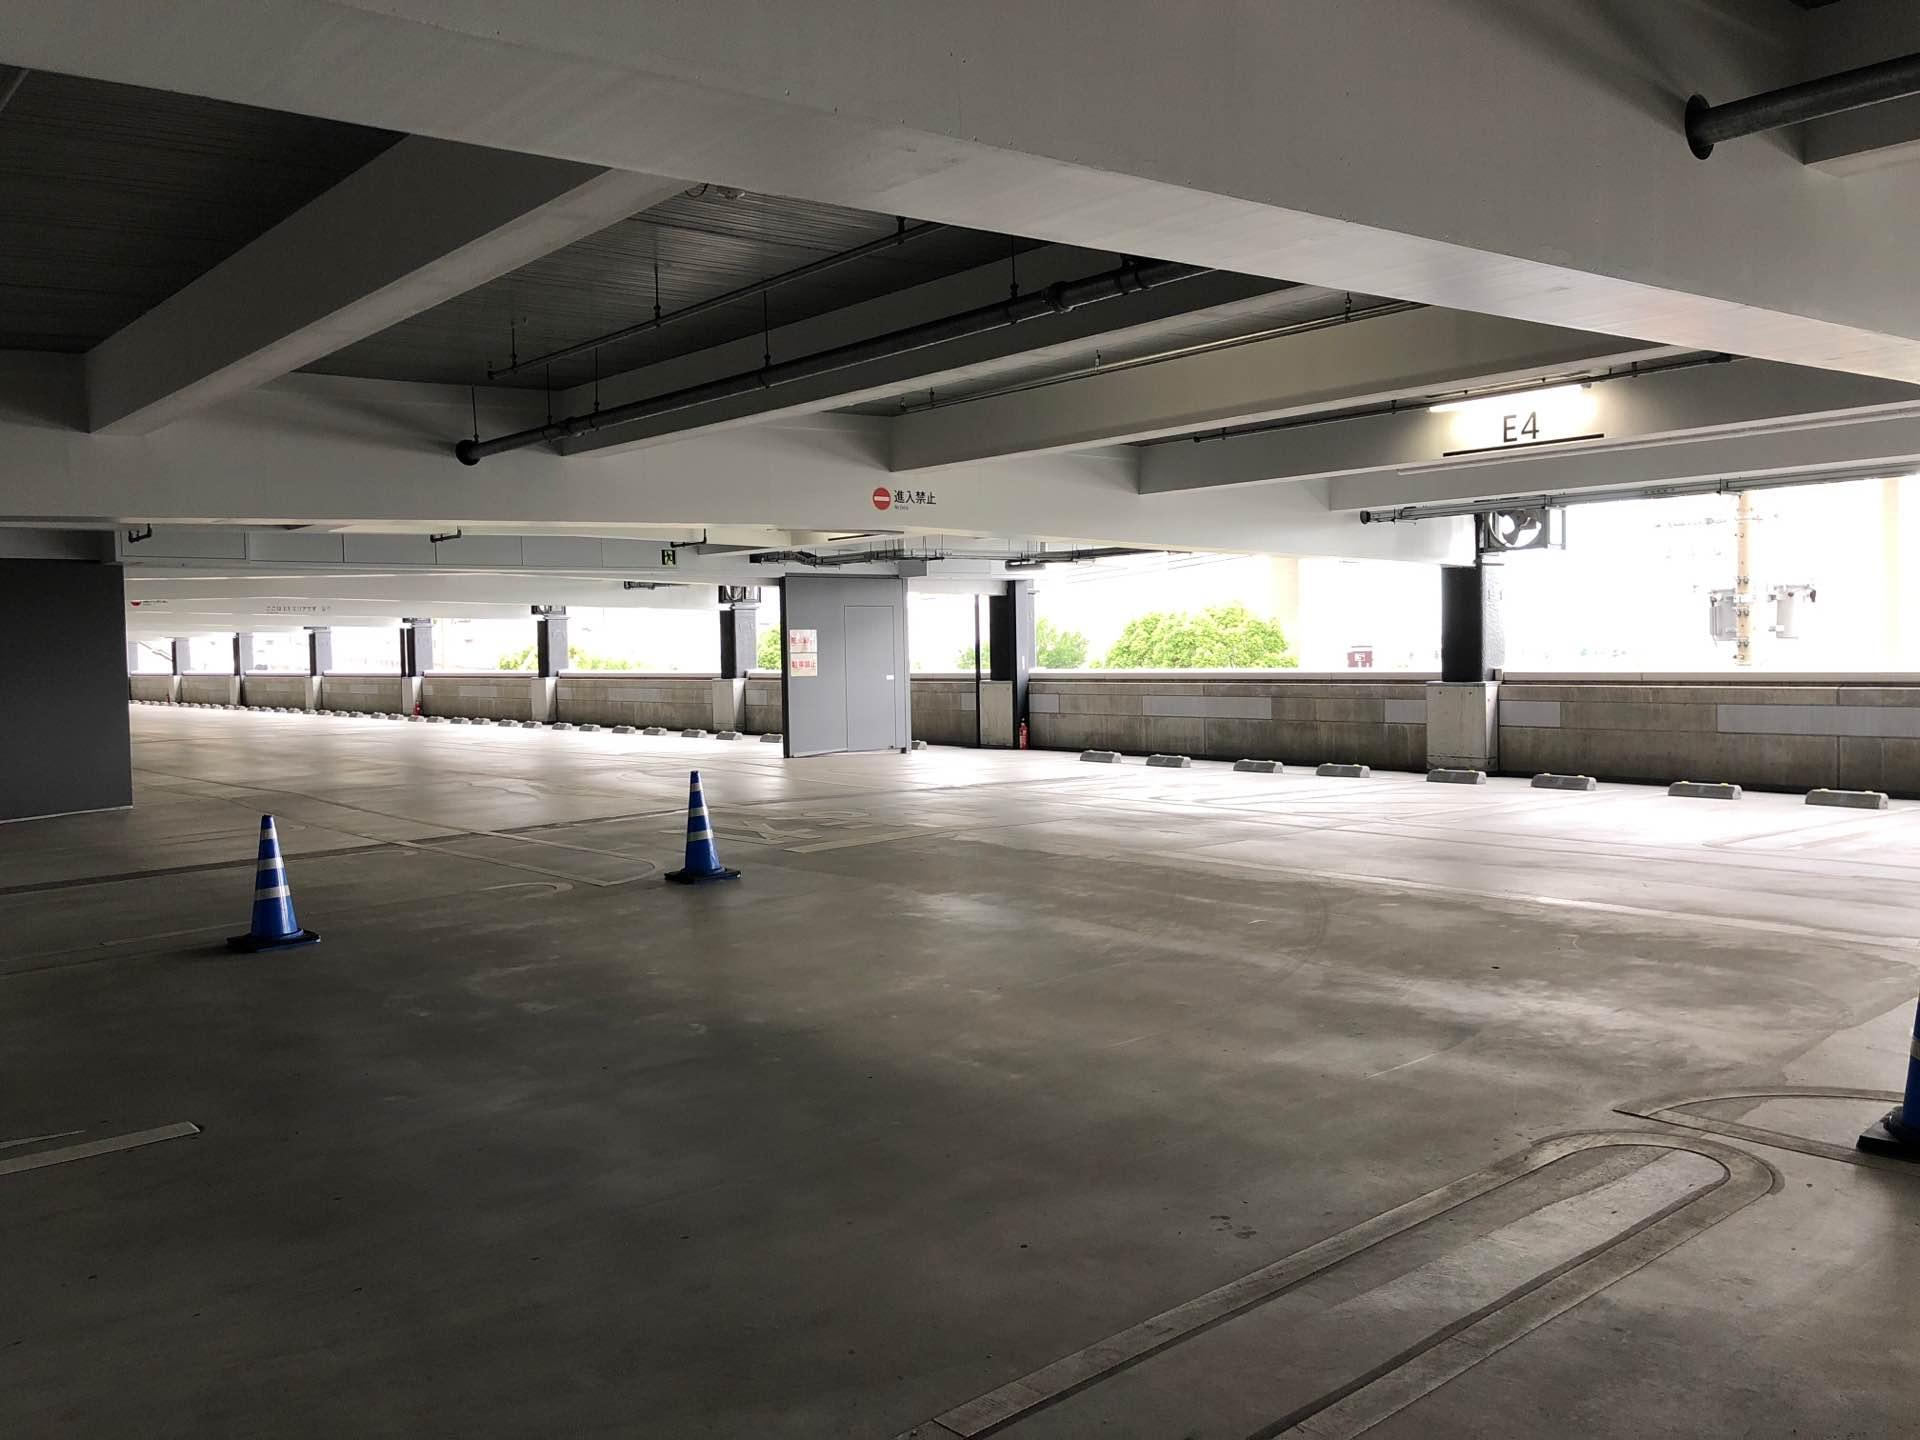 駐車場まだすいてる。 https://t.co/0nKIWv13Jm